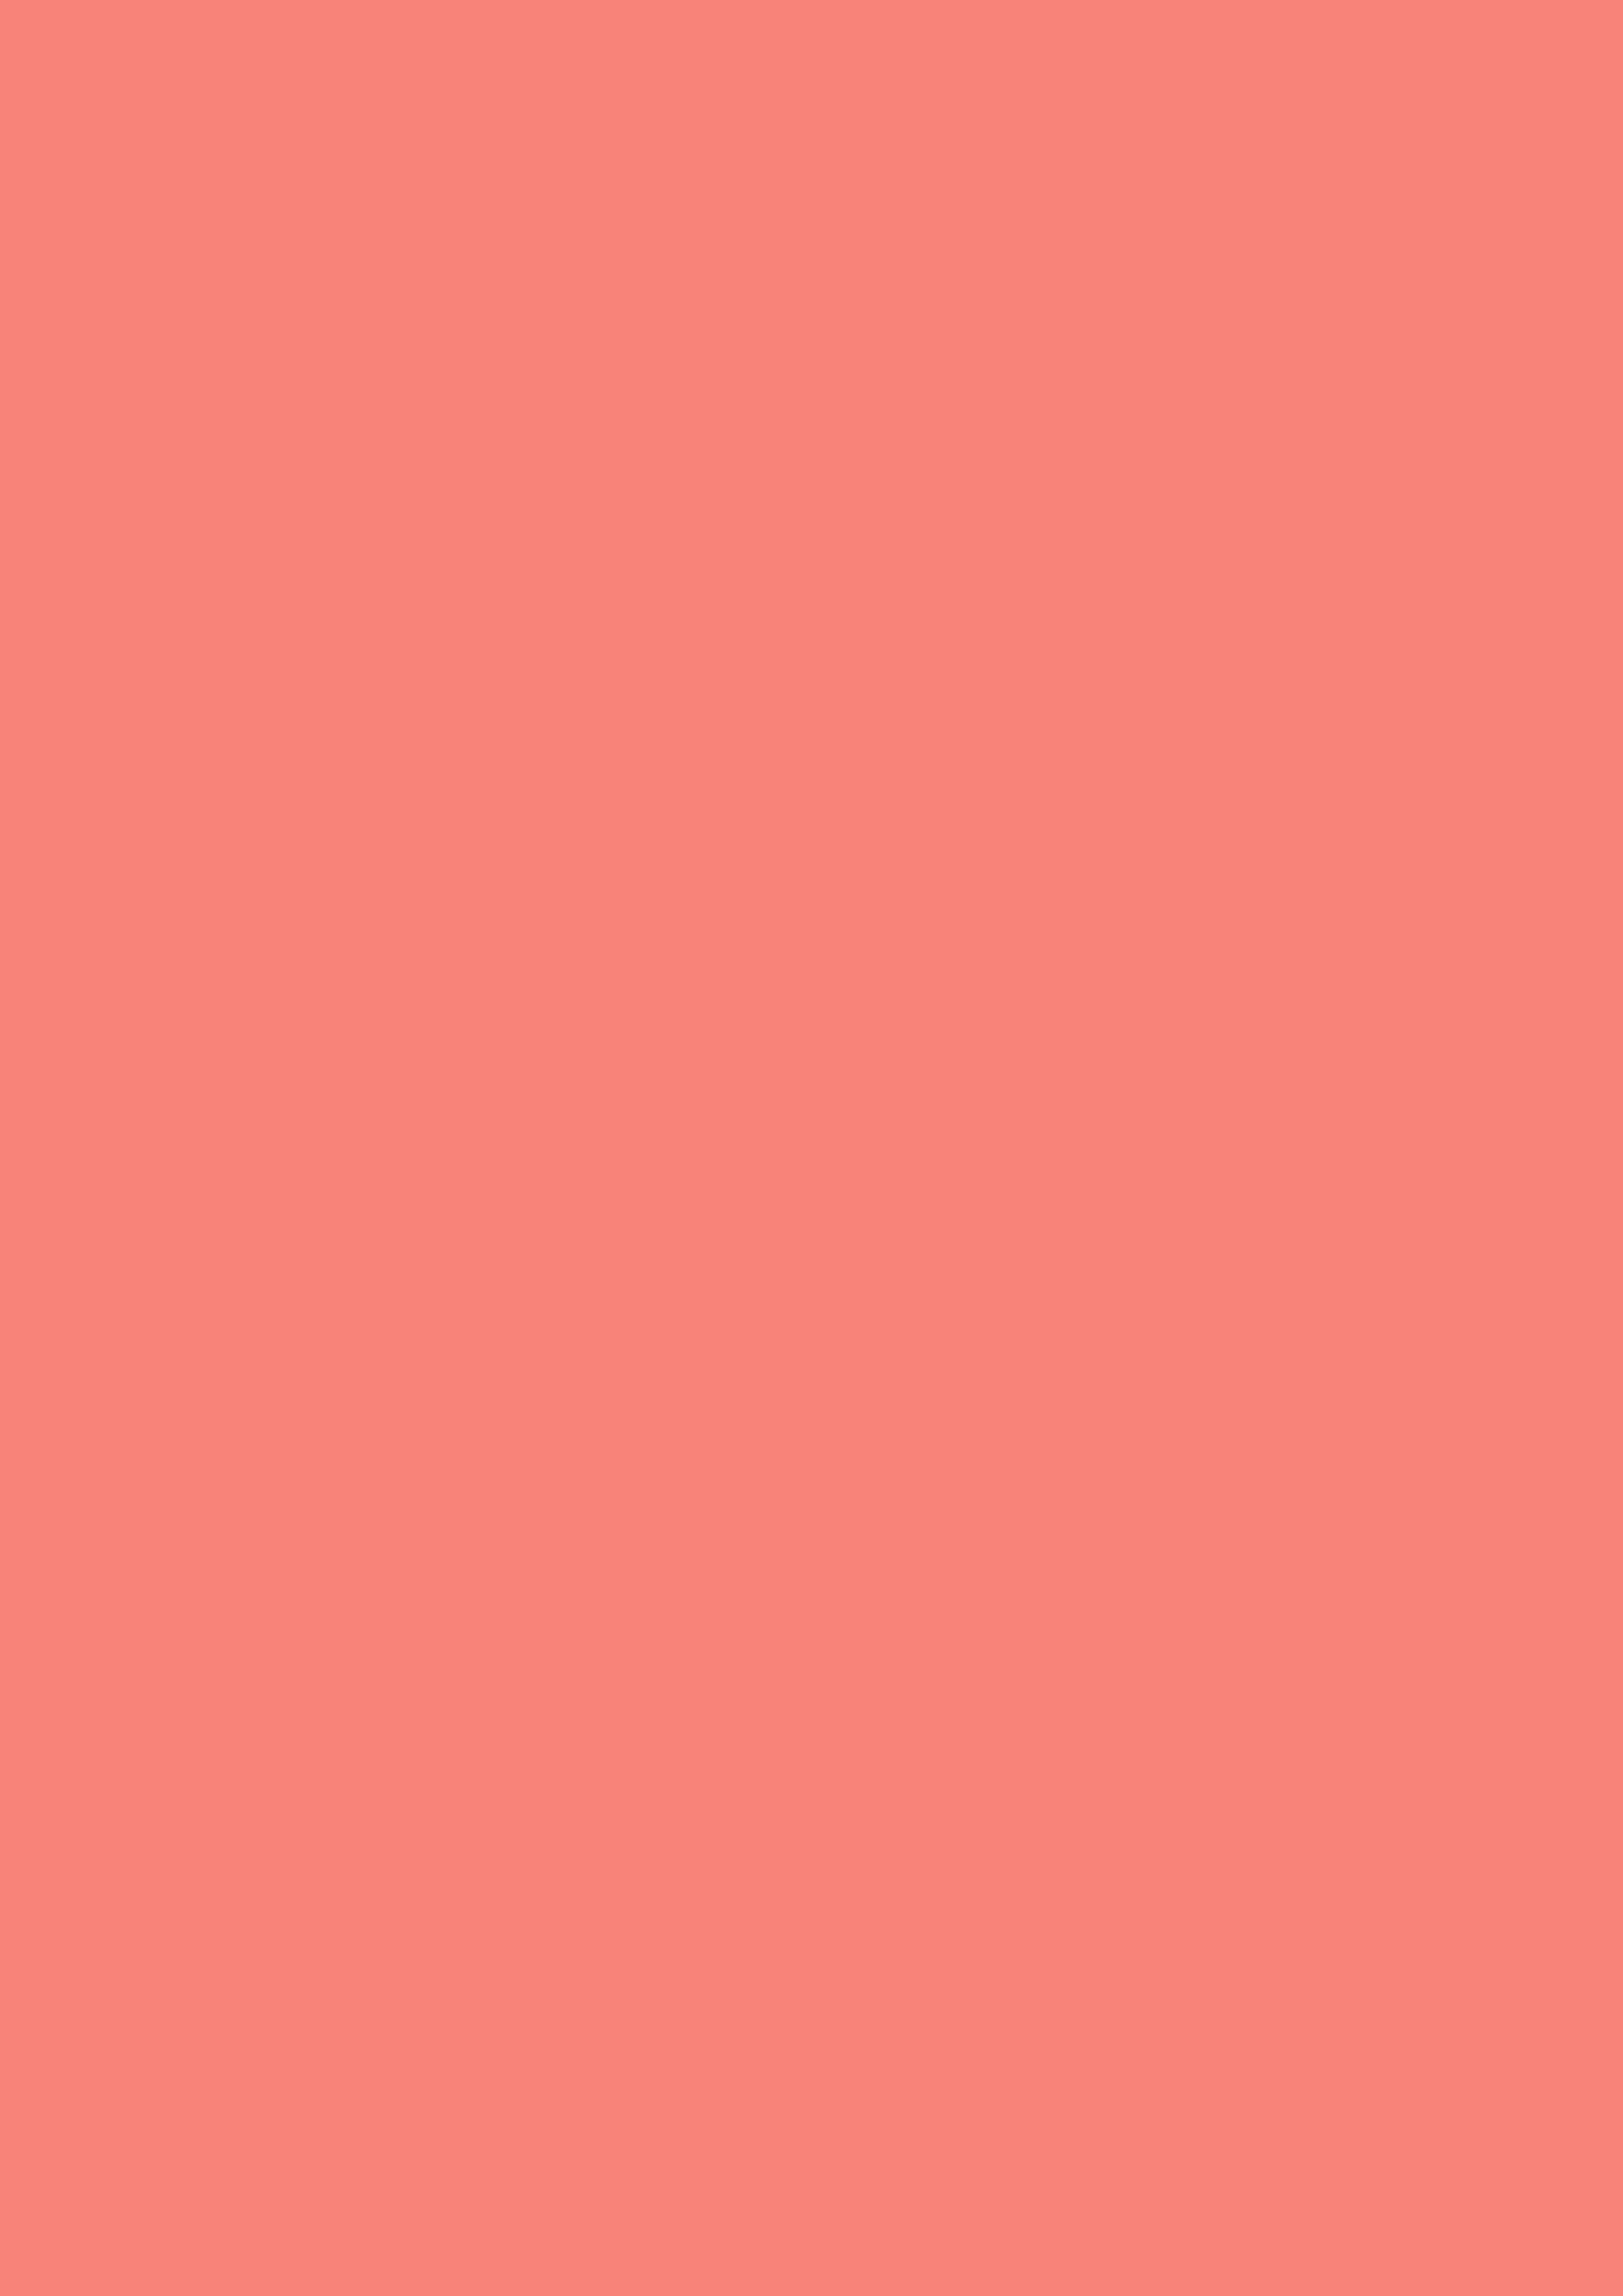 2480x3508 Tea Rose Orange Solid Color Background